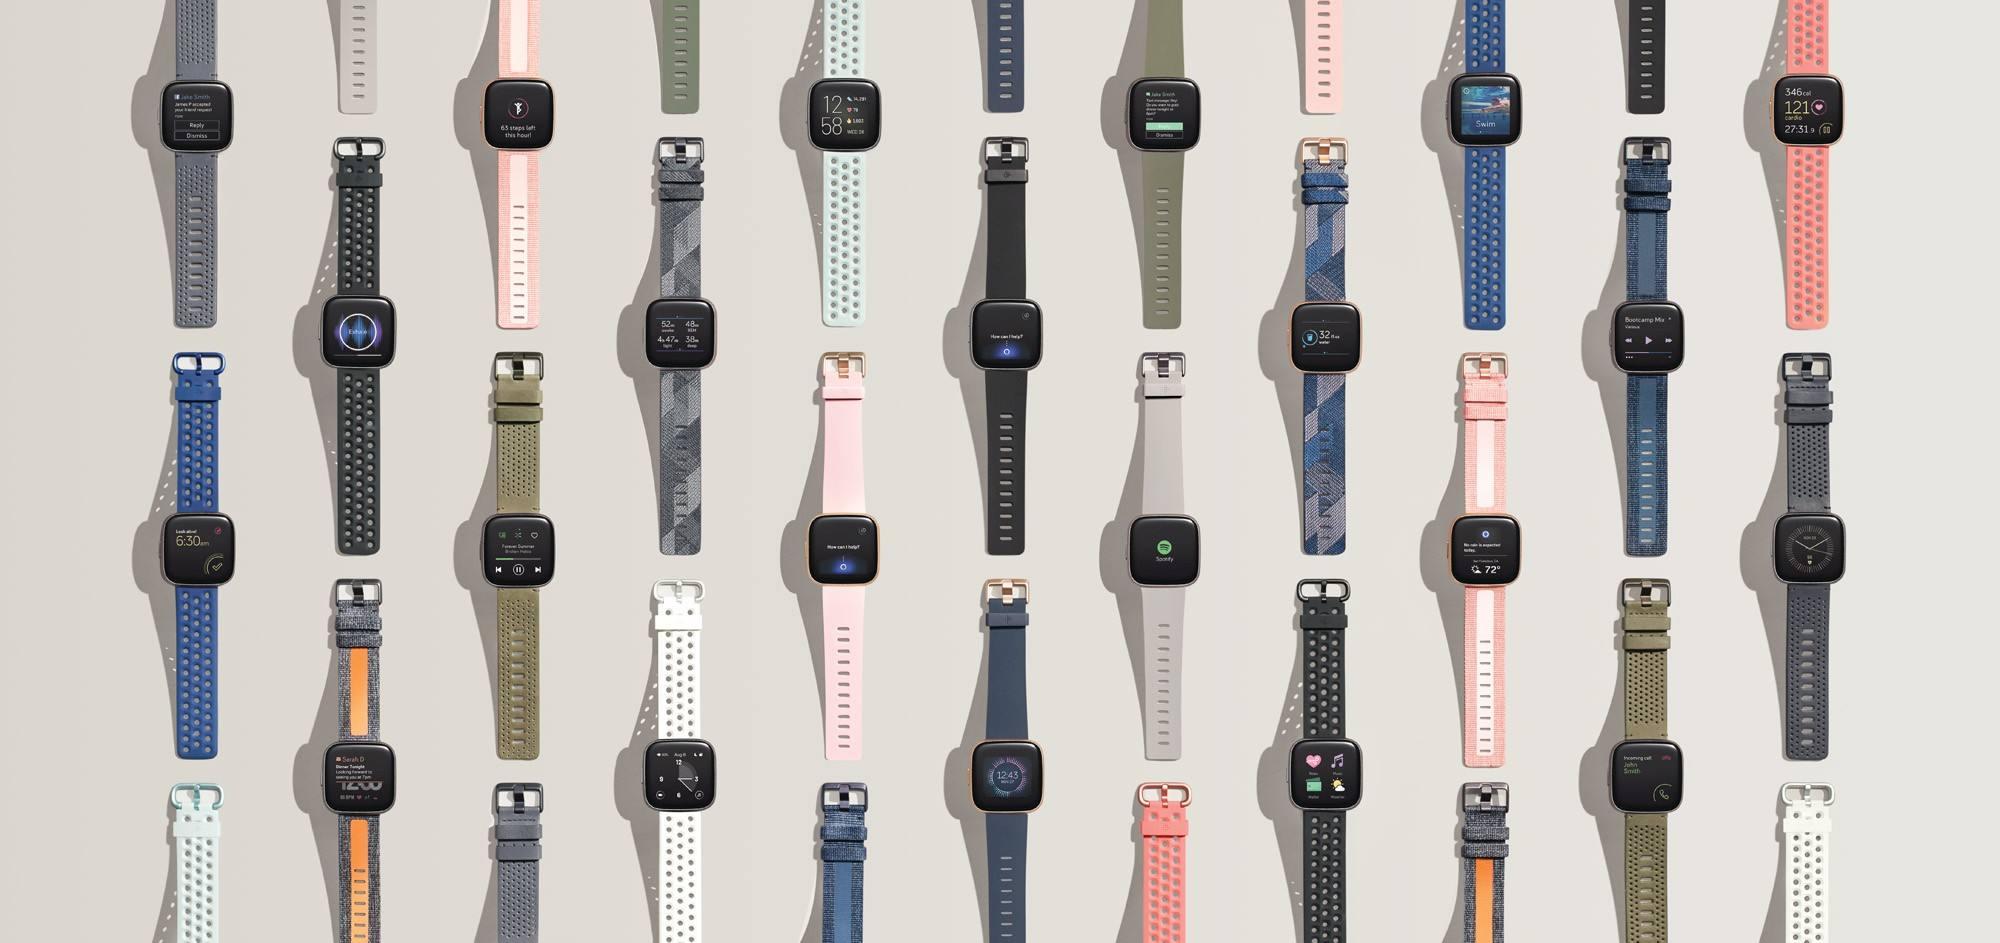 便利語音功能加持,Fitbit全新Versa 2智慧手錶讓一天的生活更加豐富精彩